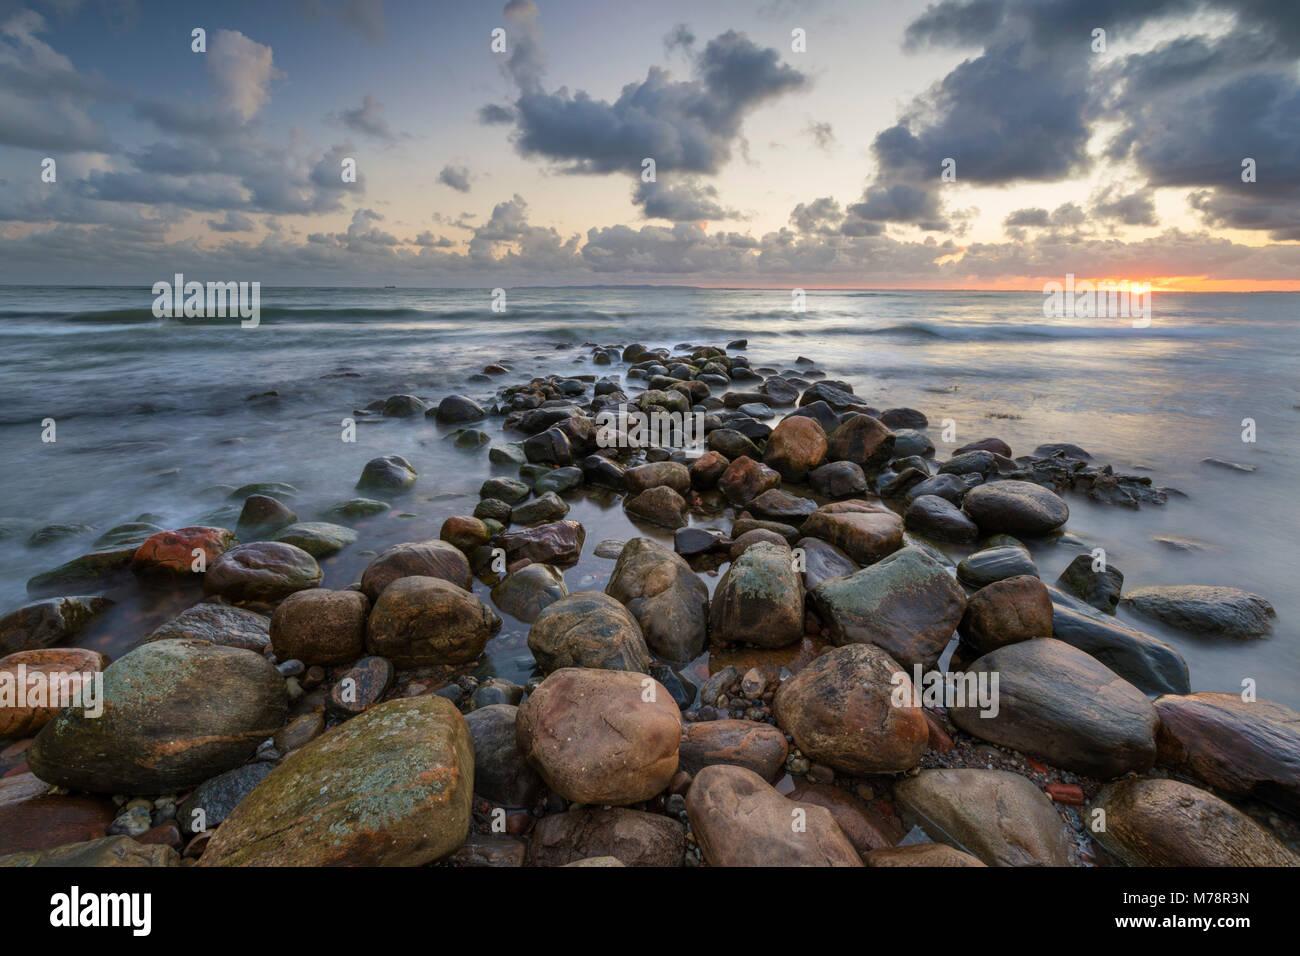 Rock breakwater in sea at sunrise, Munkerup, Kattegat Coast, Zealand, Denmark, Scandinavia, Europe - Stock Image